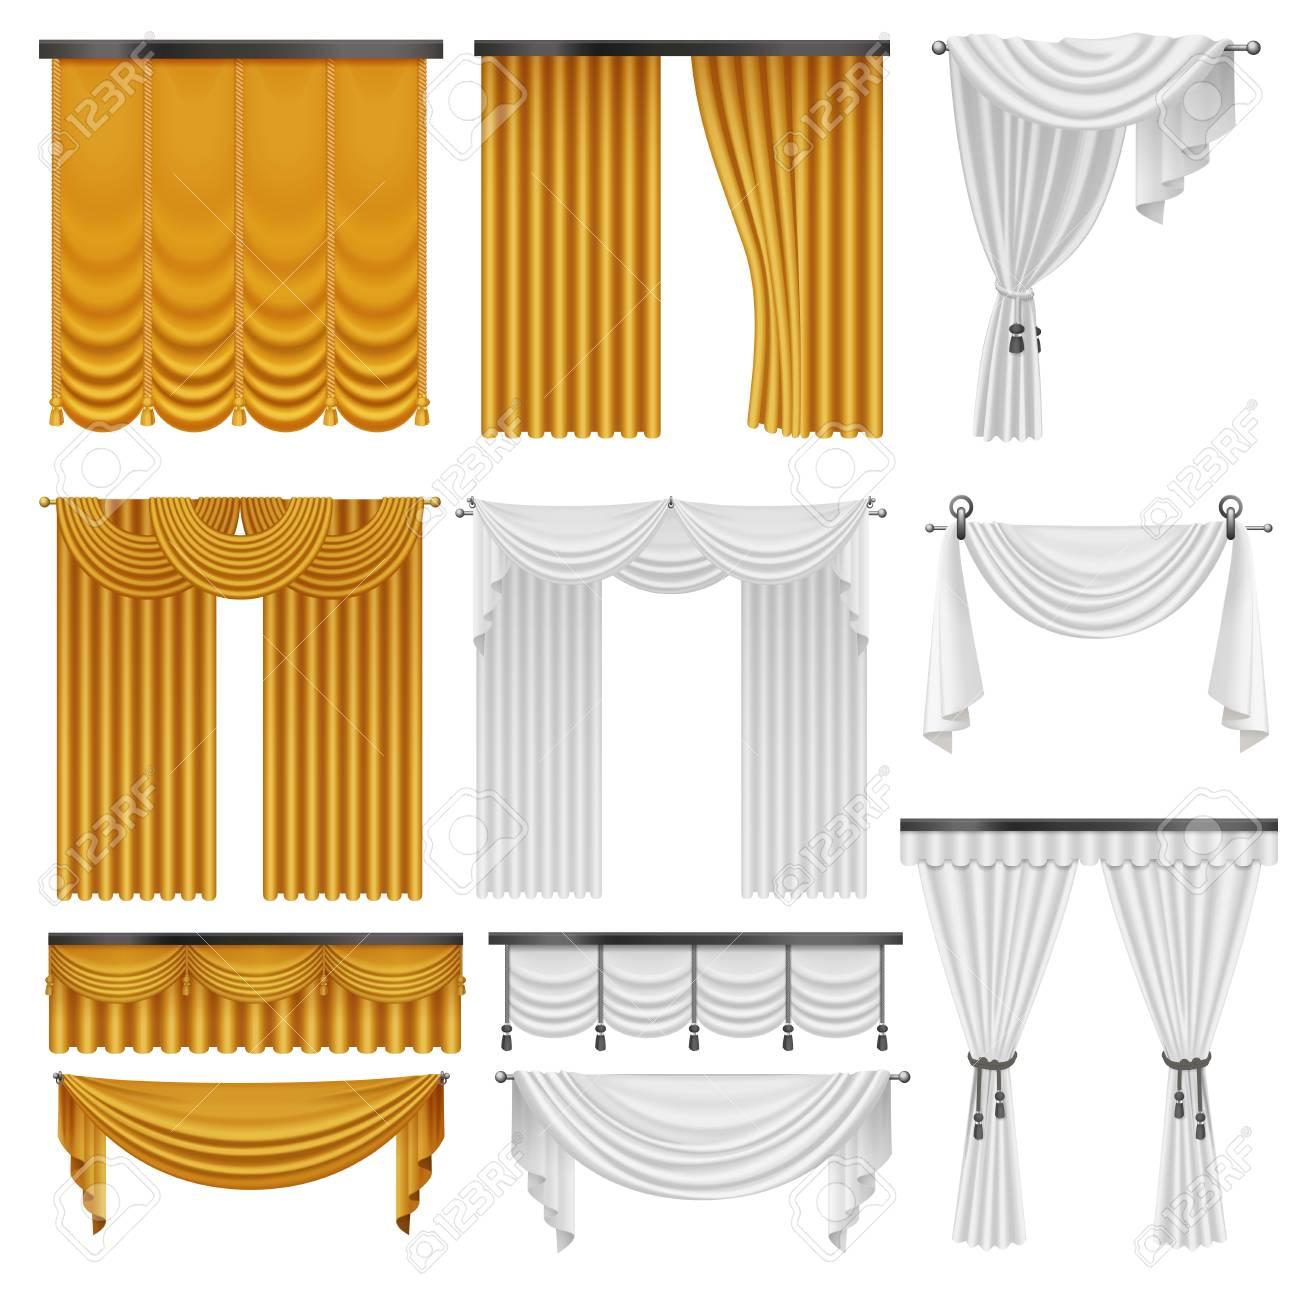 ensemble de rideaux et draperies en velours de soie or et blanc conception de decoration de rideaux de luxe realiste interieur